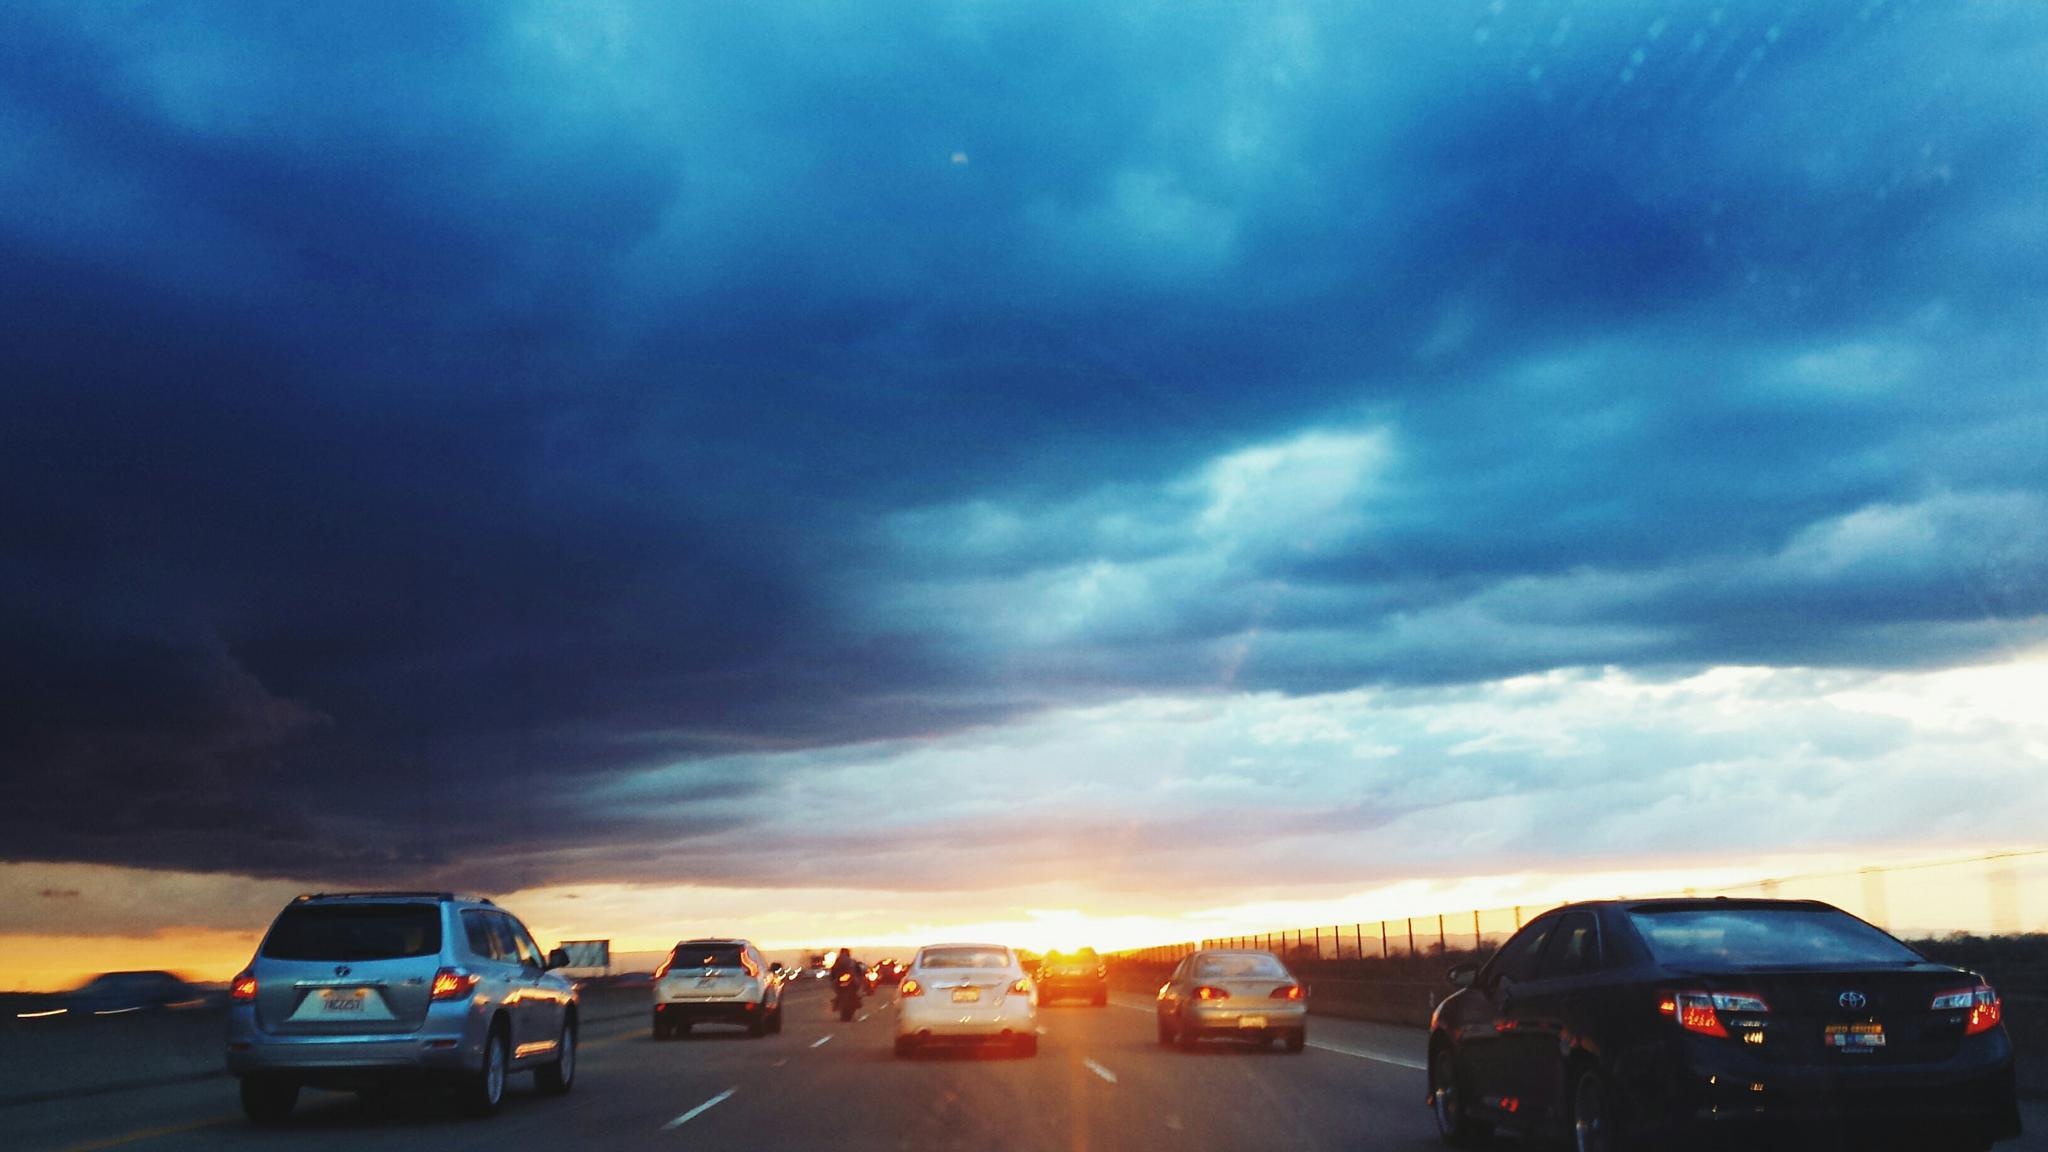 Sunset by ekaterina.vanderhaeghen